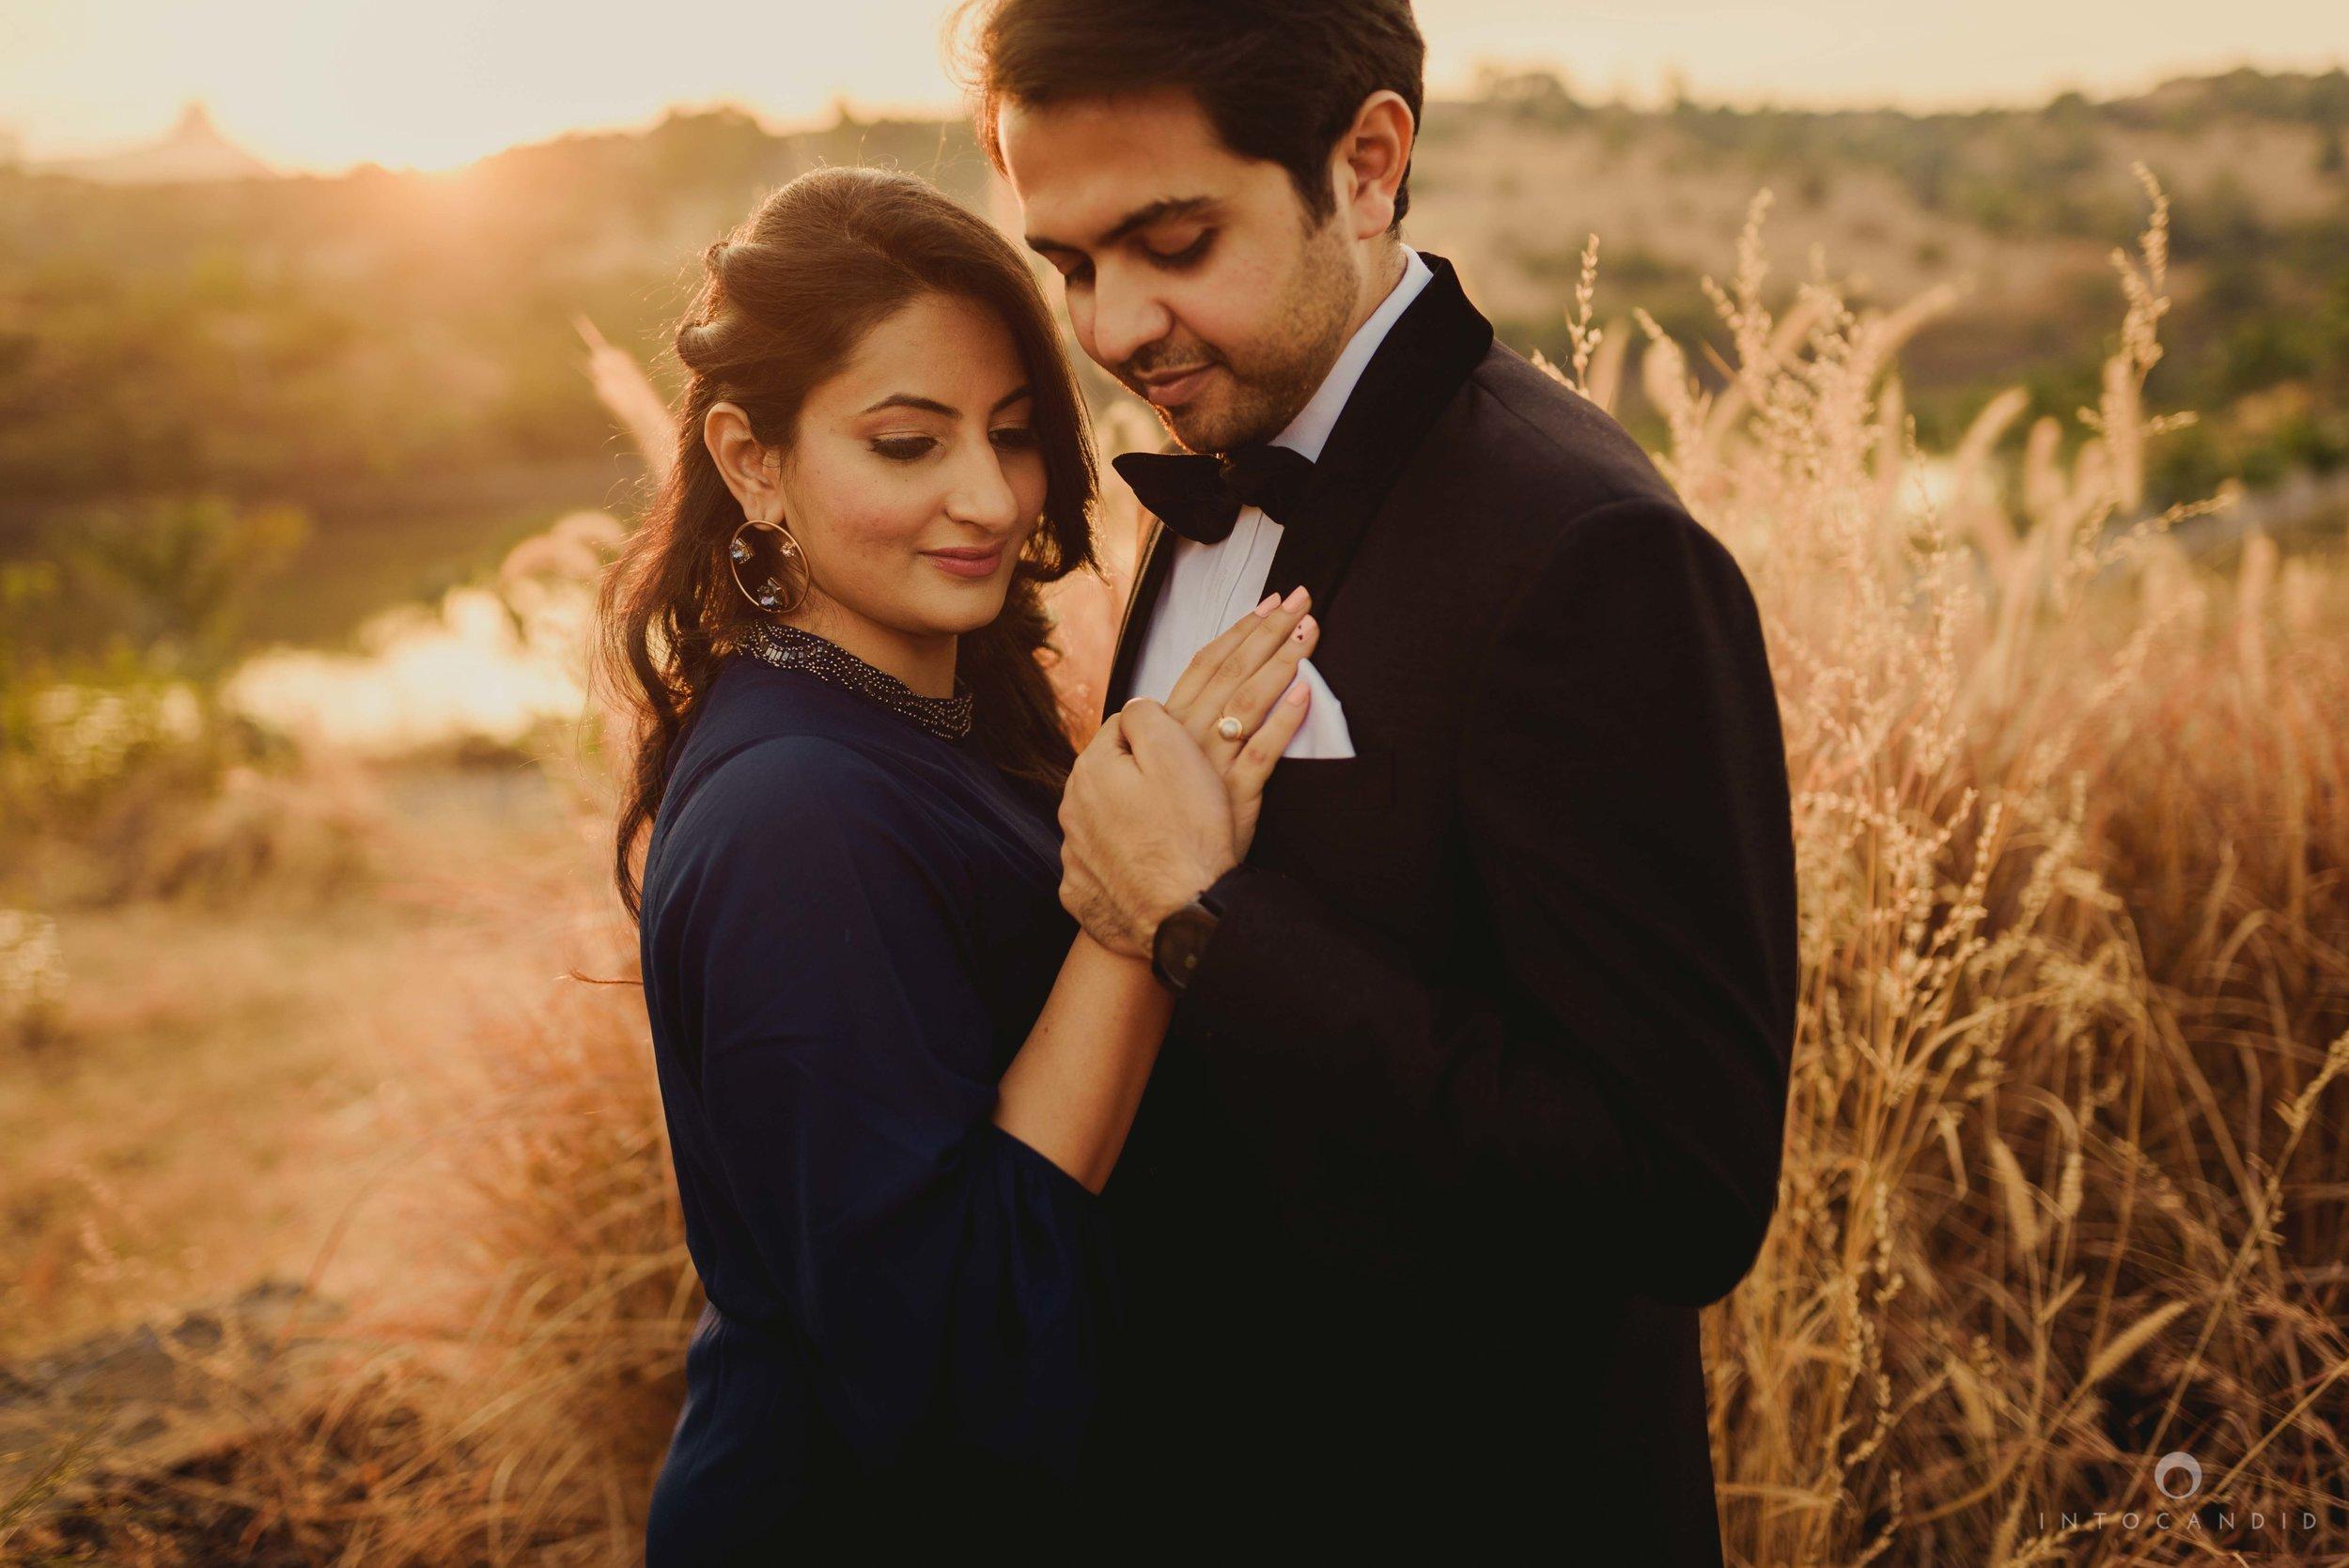 MA_Pre-Wedding_133.jpg